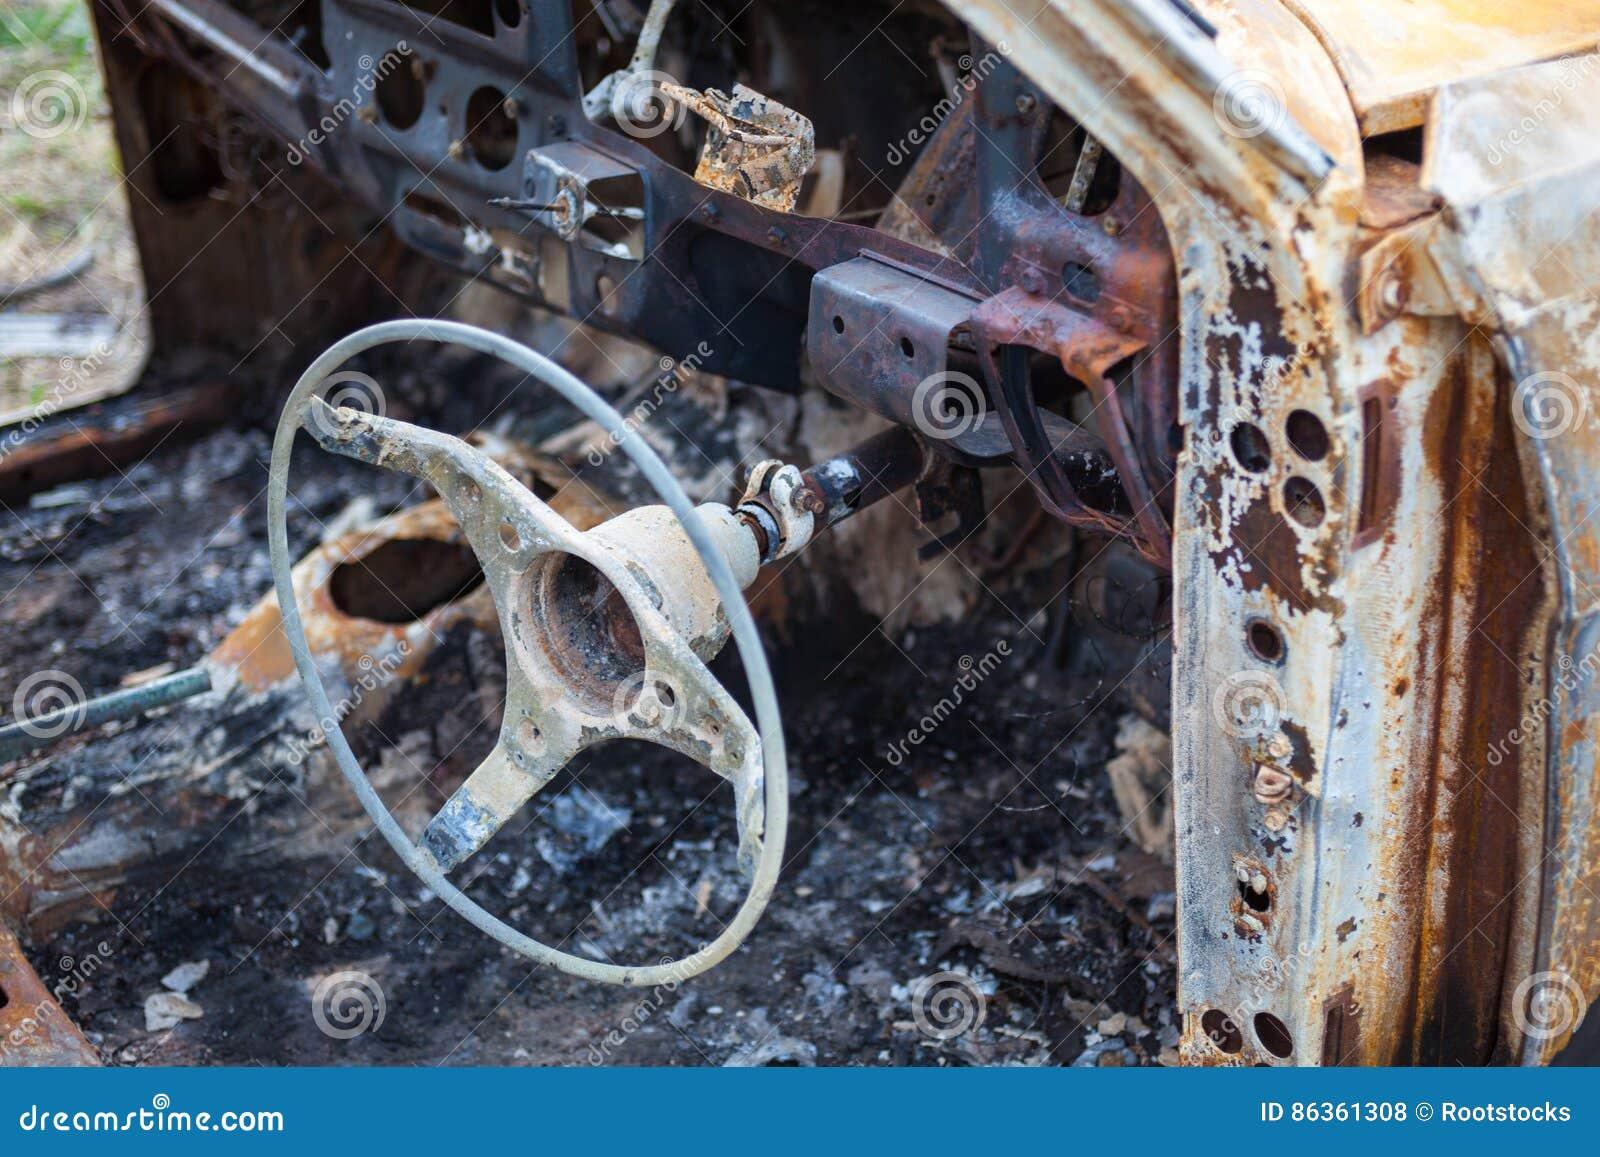 Gebranntes Auto Innen Mit Lenkrad Nach Dem Unfall Stockfoto - Bild ...